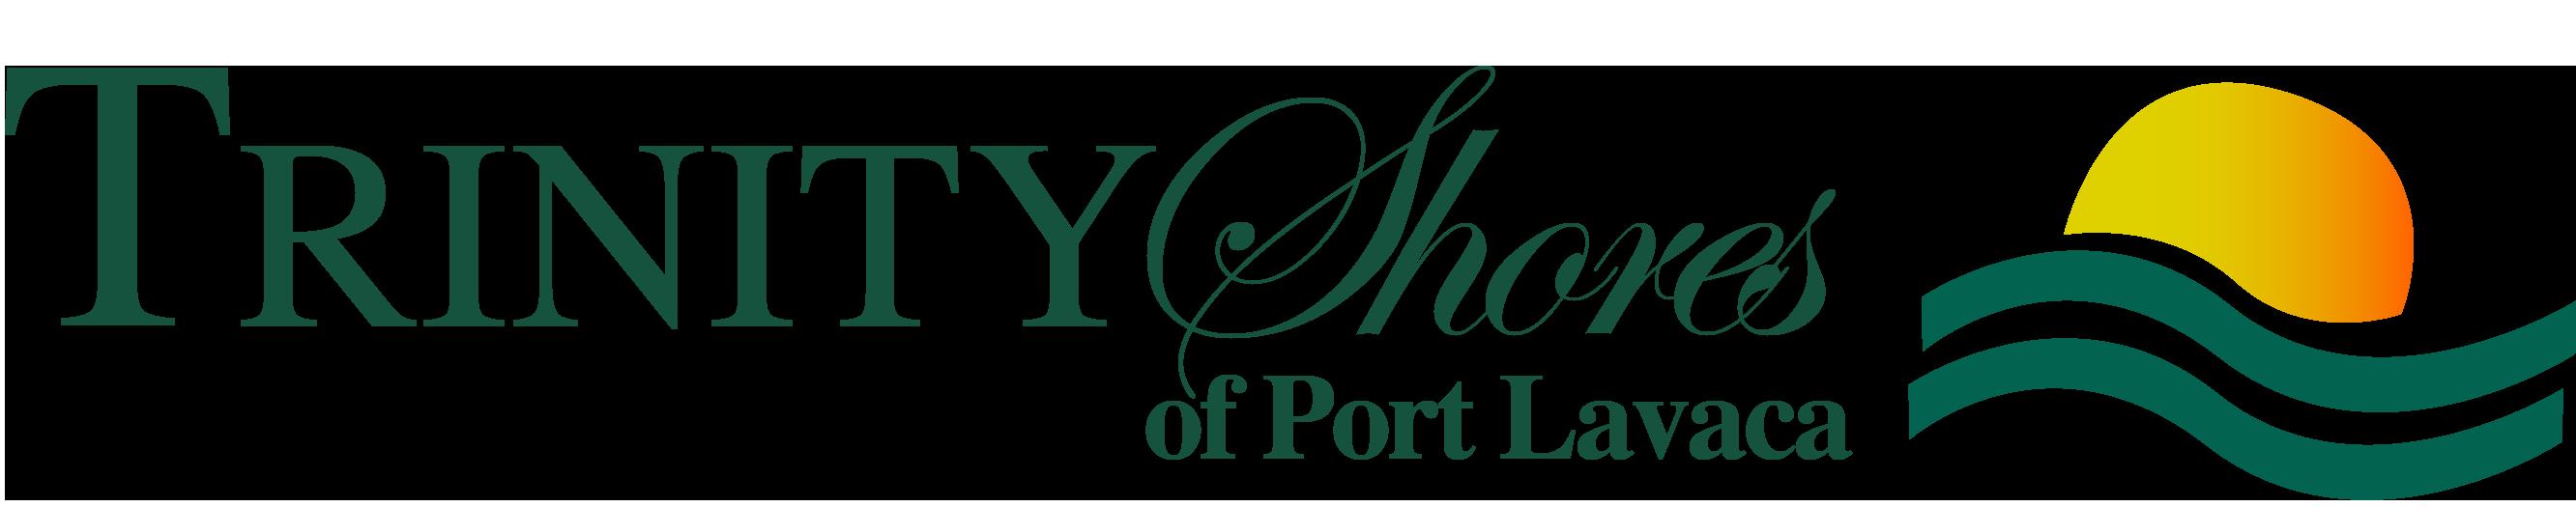 Trinity-Shores-Port-Lavaca-Senior-Living-Logo